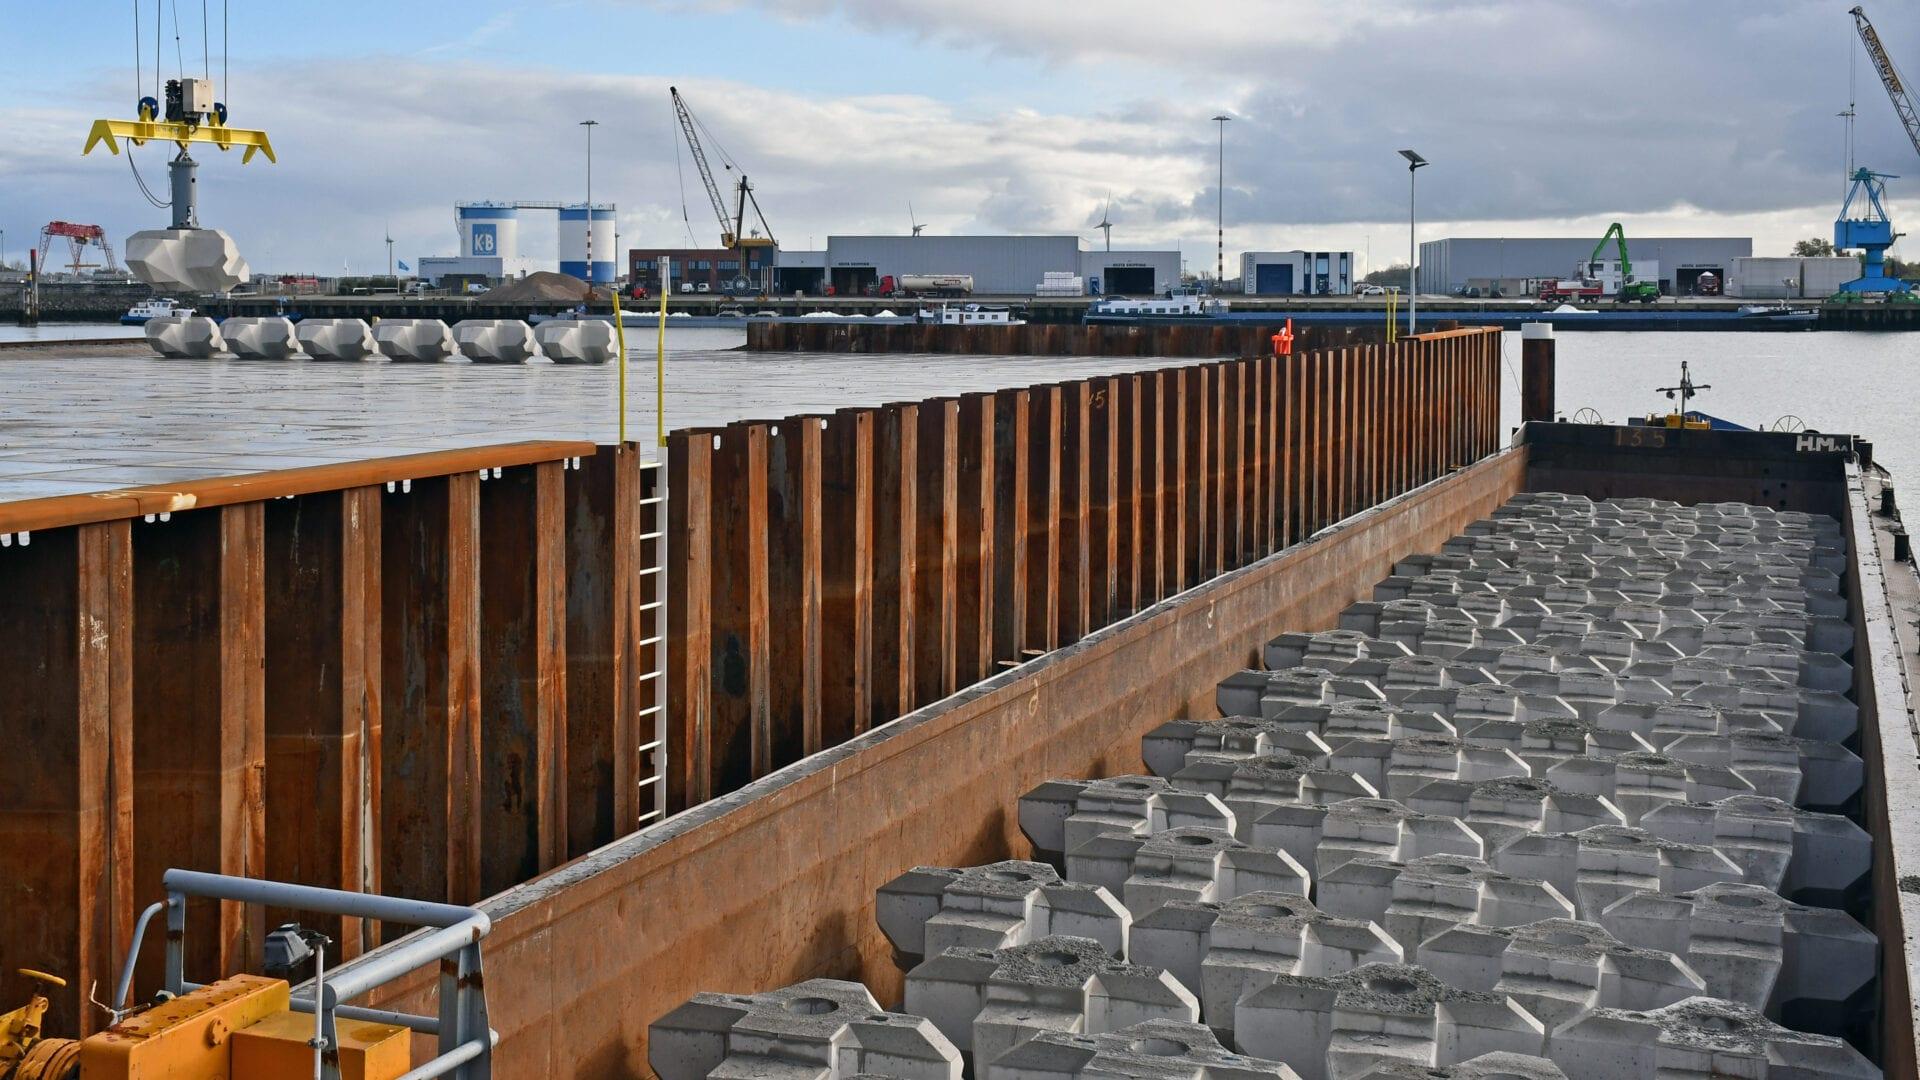 Wij zien een een industriegebied met blokken. De Levvel blocks liggen klaar voor transport naar de Afsluitdijk. Op de achtergrond zie je witte loodsen.